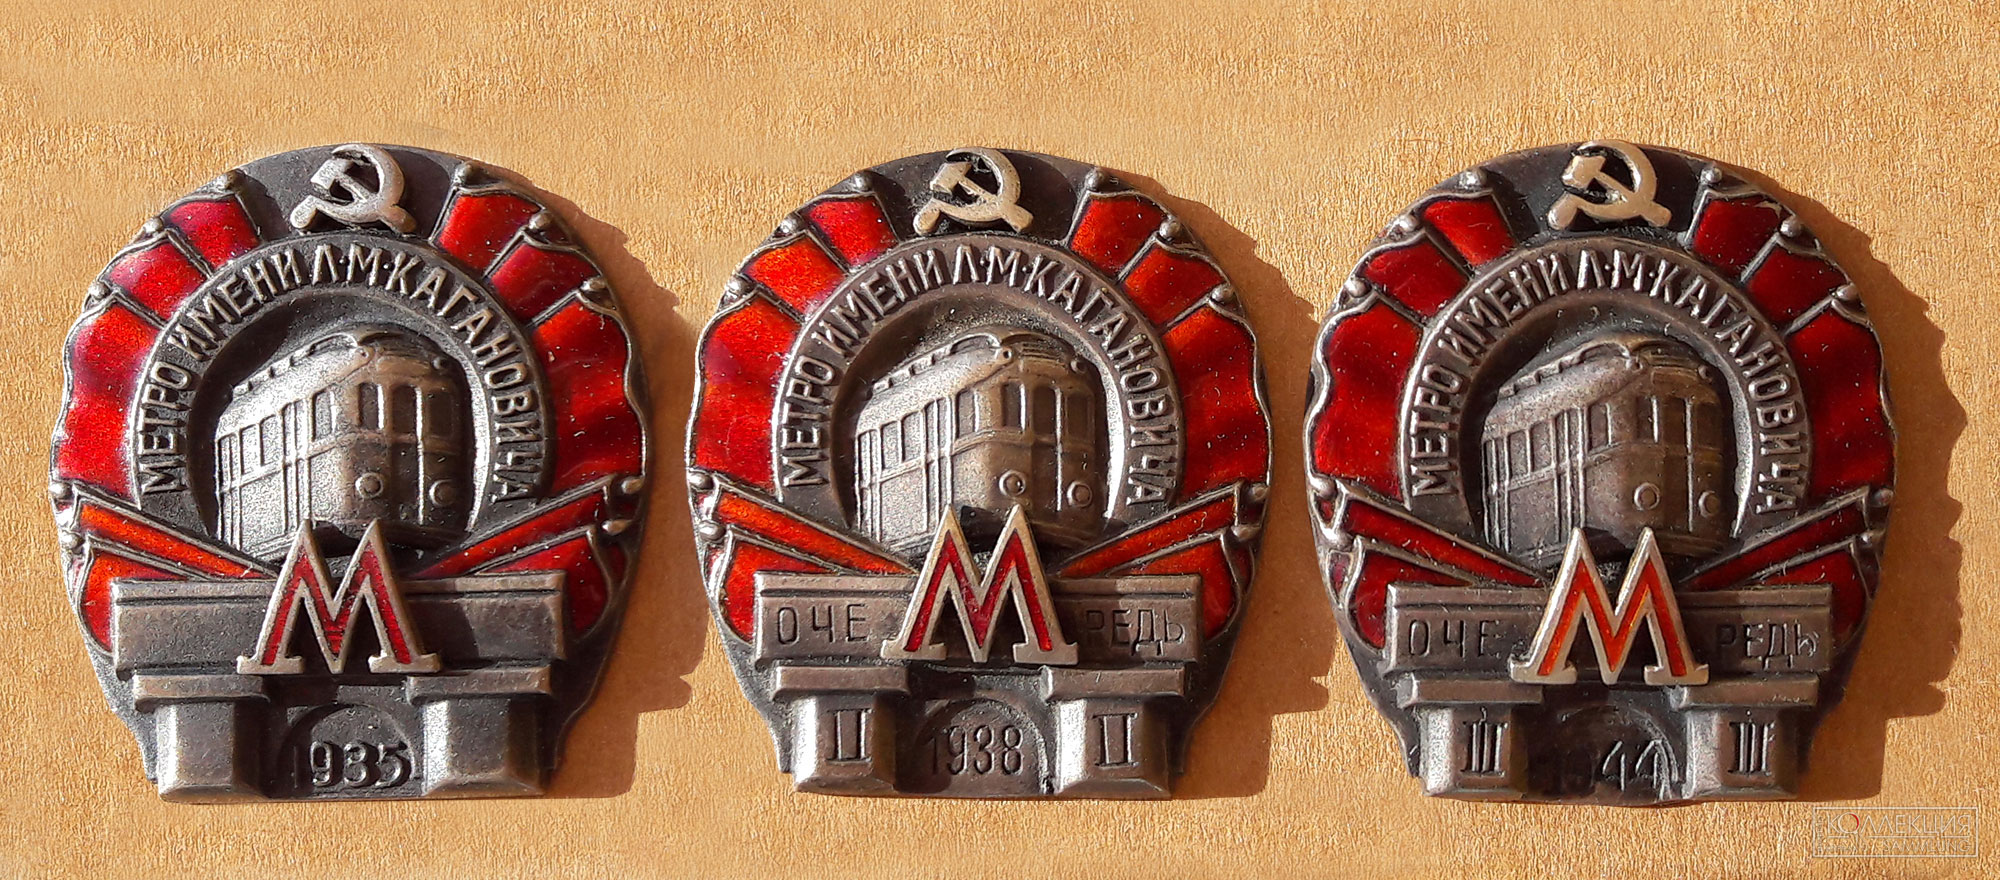 """Знаки """"Метро имени Л.М. Кагановича"""" первая очередь 1935, вторая очередь 1938 и третья очередь 1944 годы"""